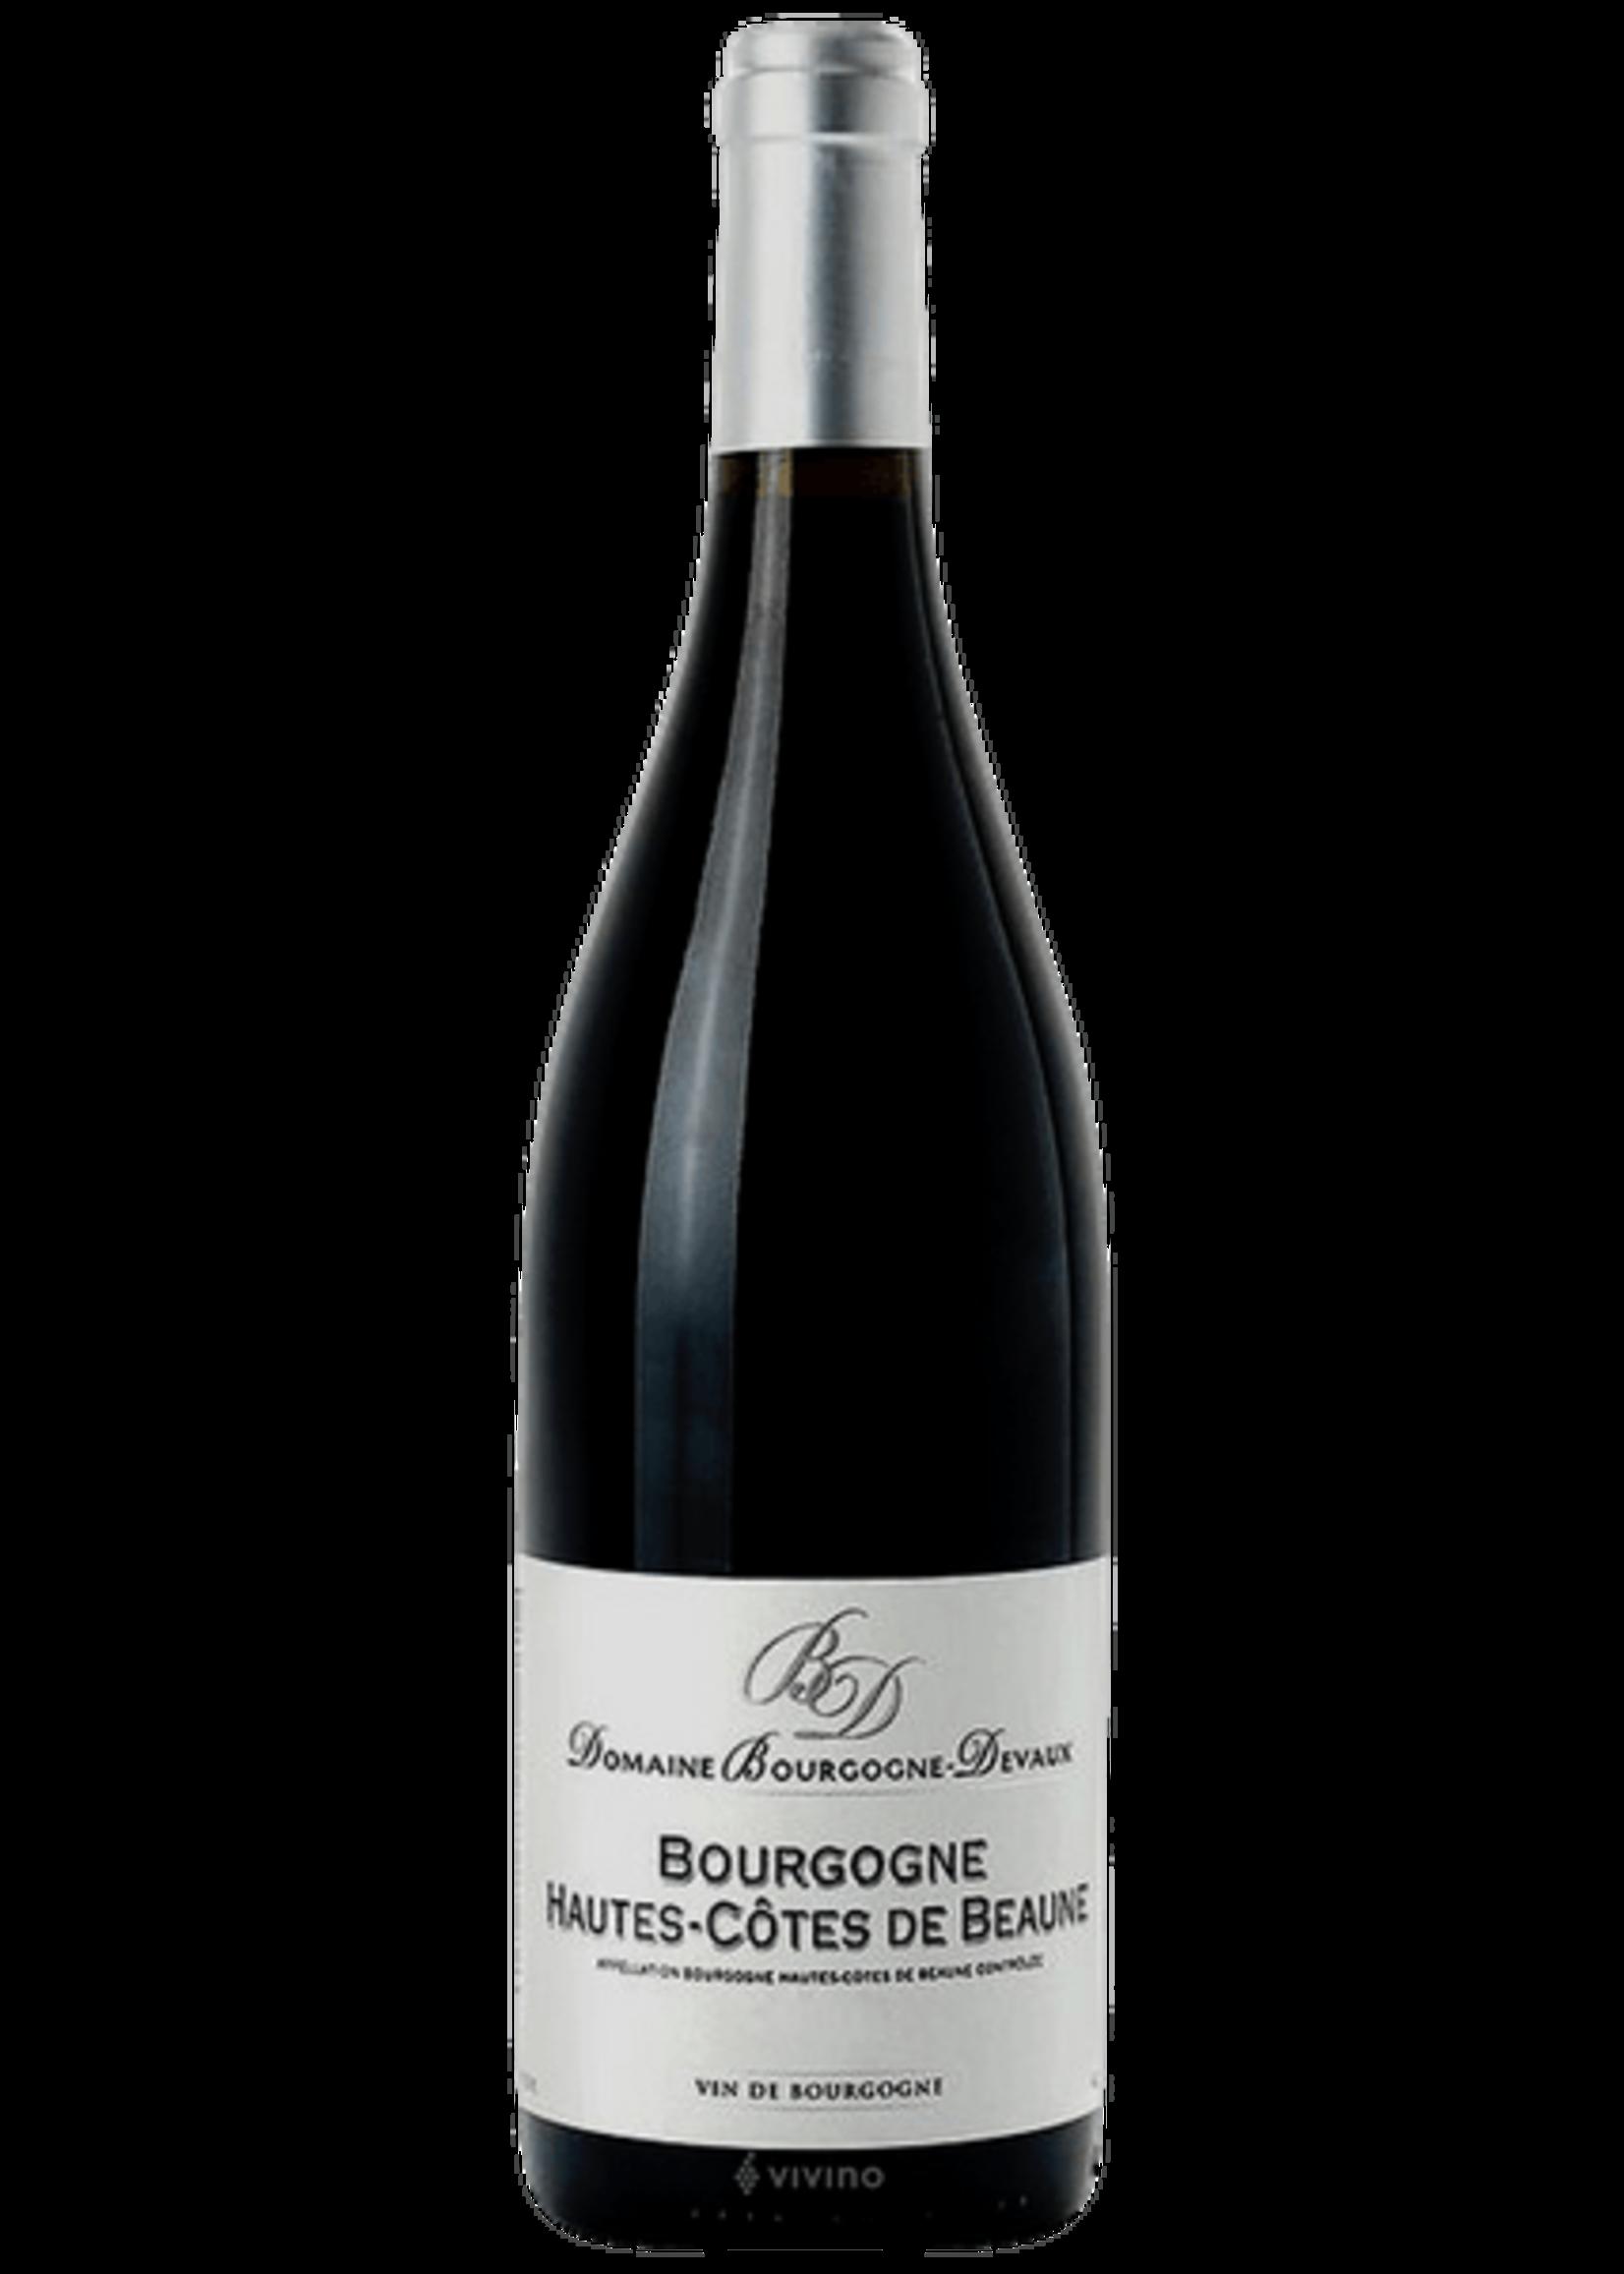 Devaux Le Clou Bourgogne Hautes-Cotes de Beaune